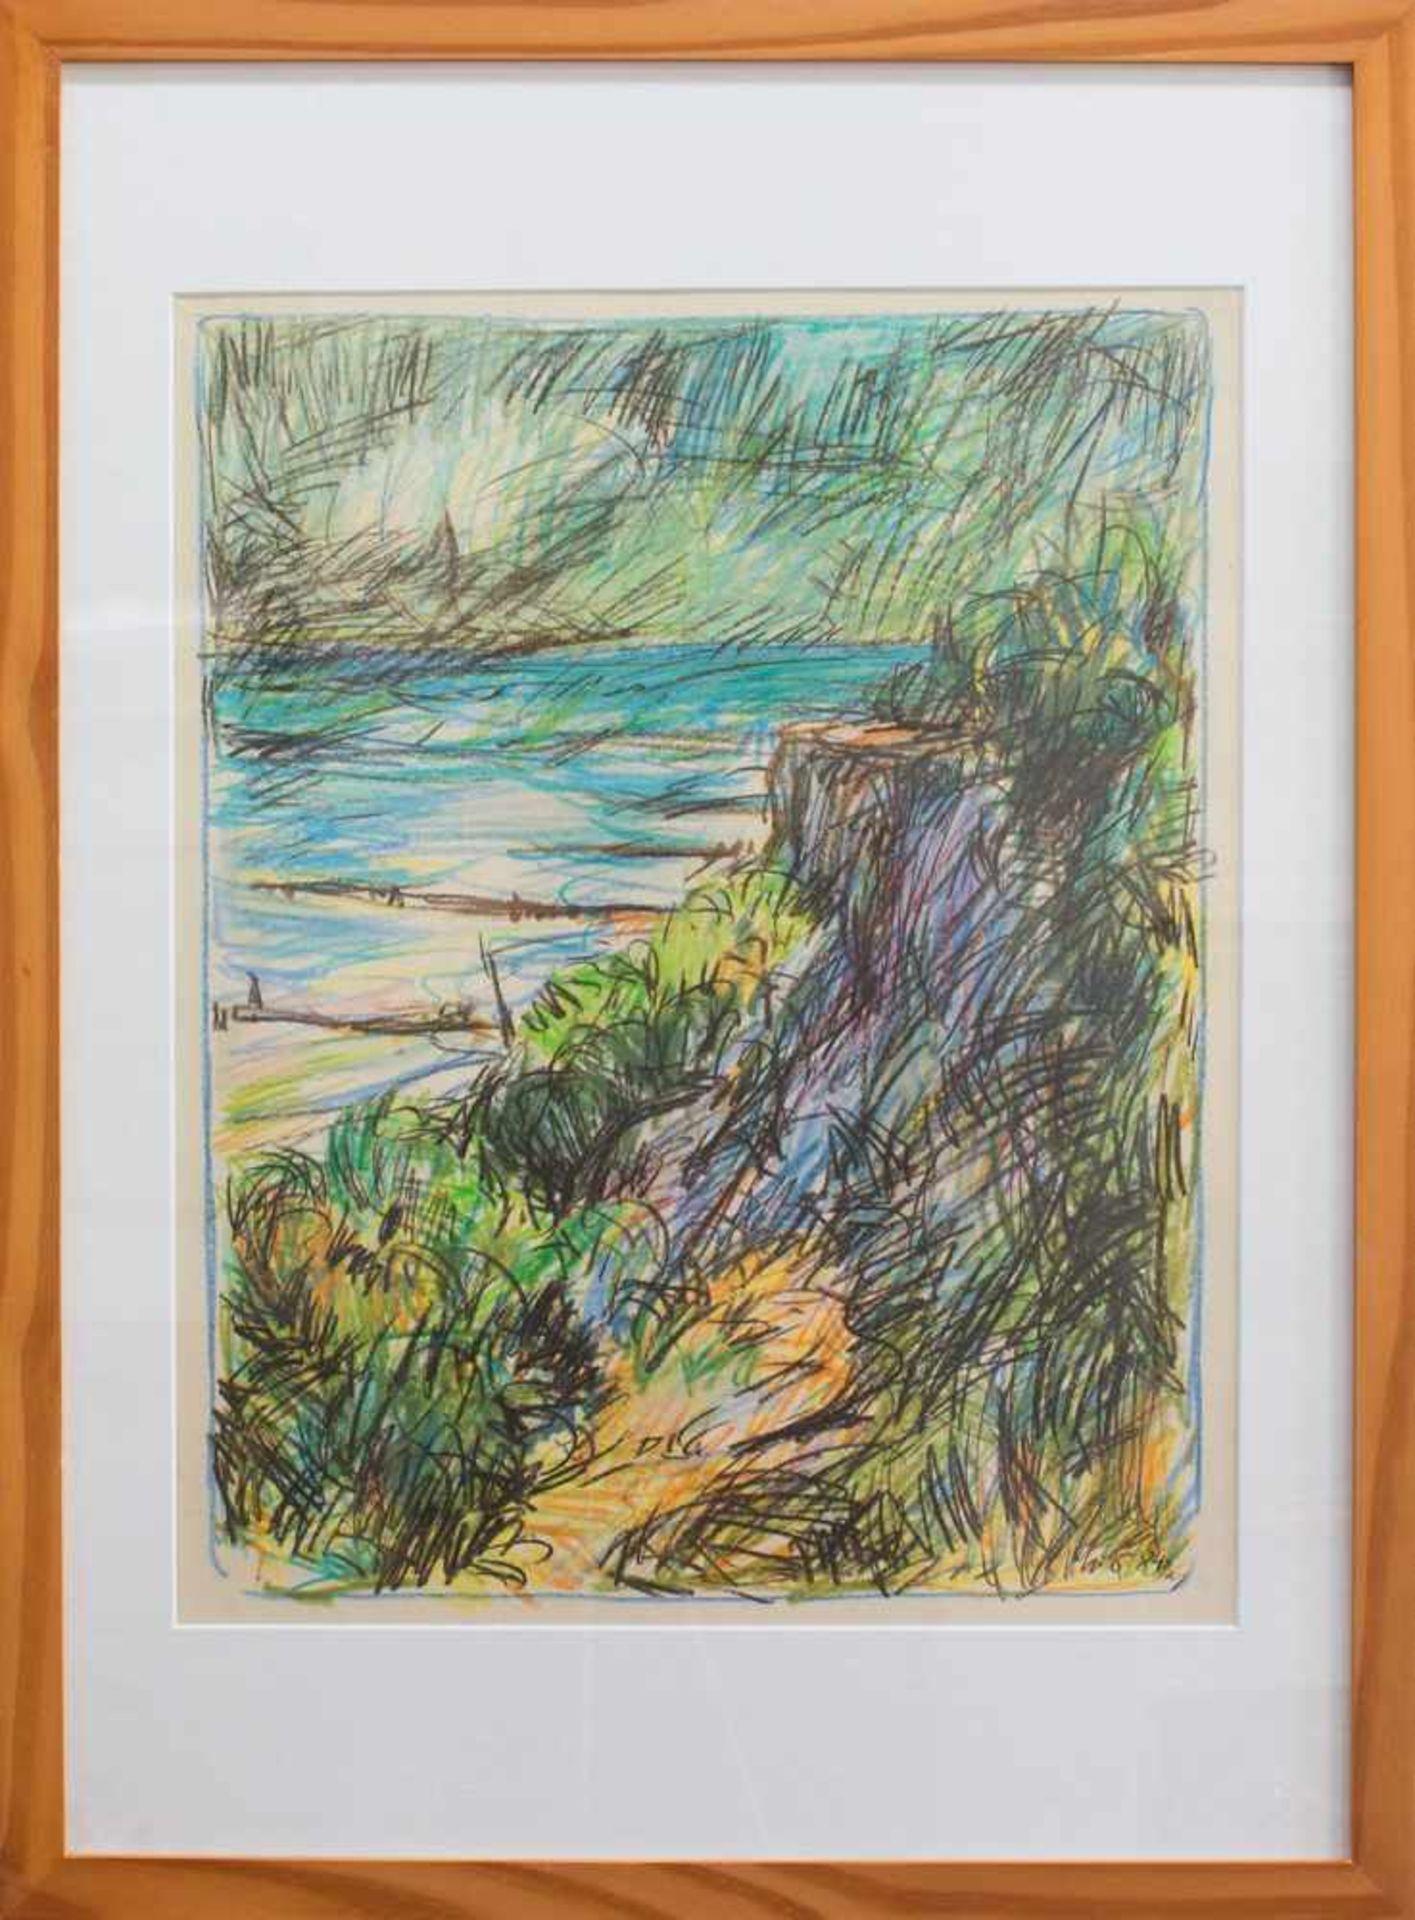 Hannes Meier (Chemnitz 1936 - 1990 Schwerin, deutscher Maler u. Grafiker, St. a.d. AK f. Bildende